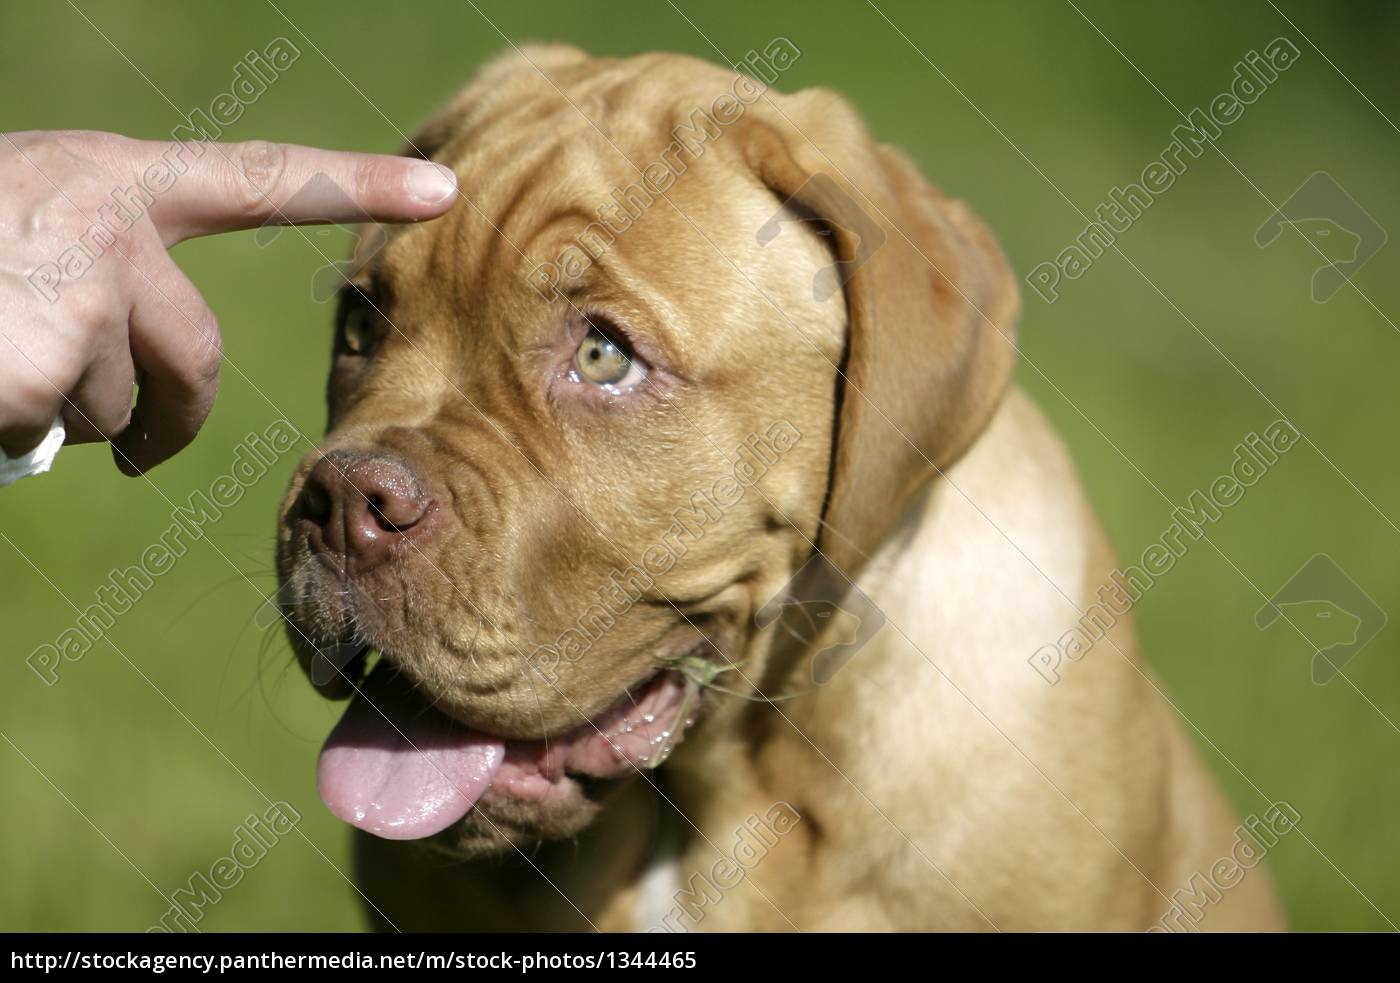 dogue, de, bordeaux, puppy - 1344465